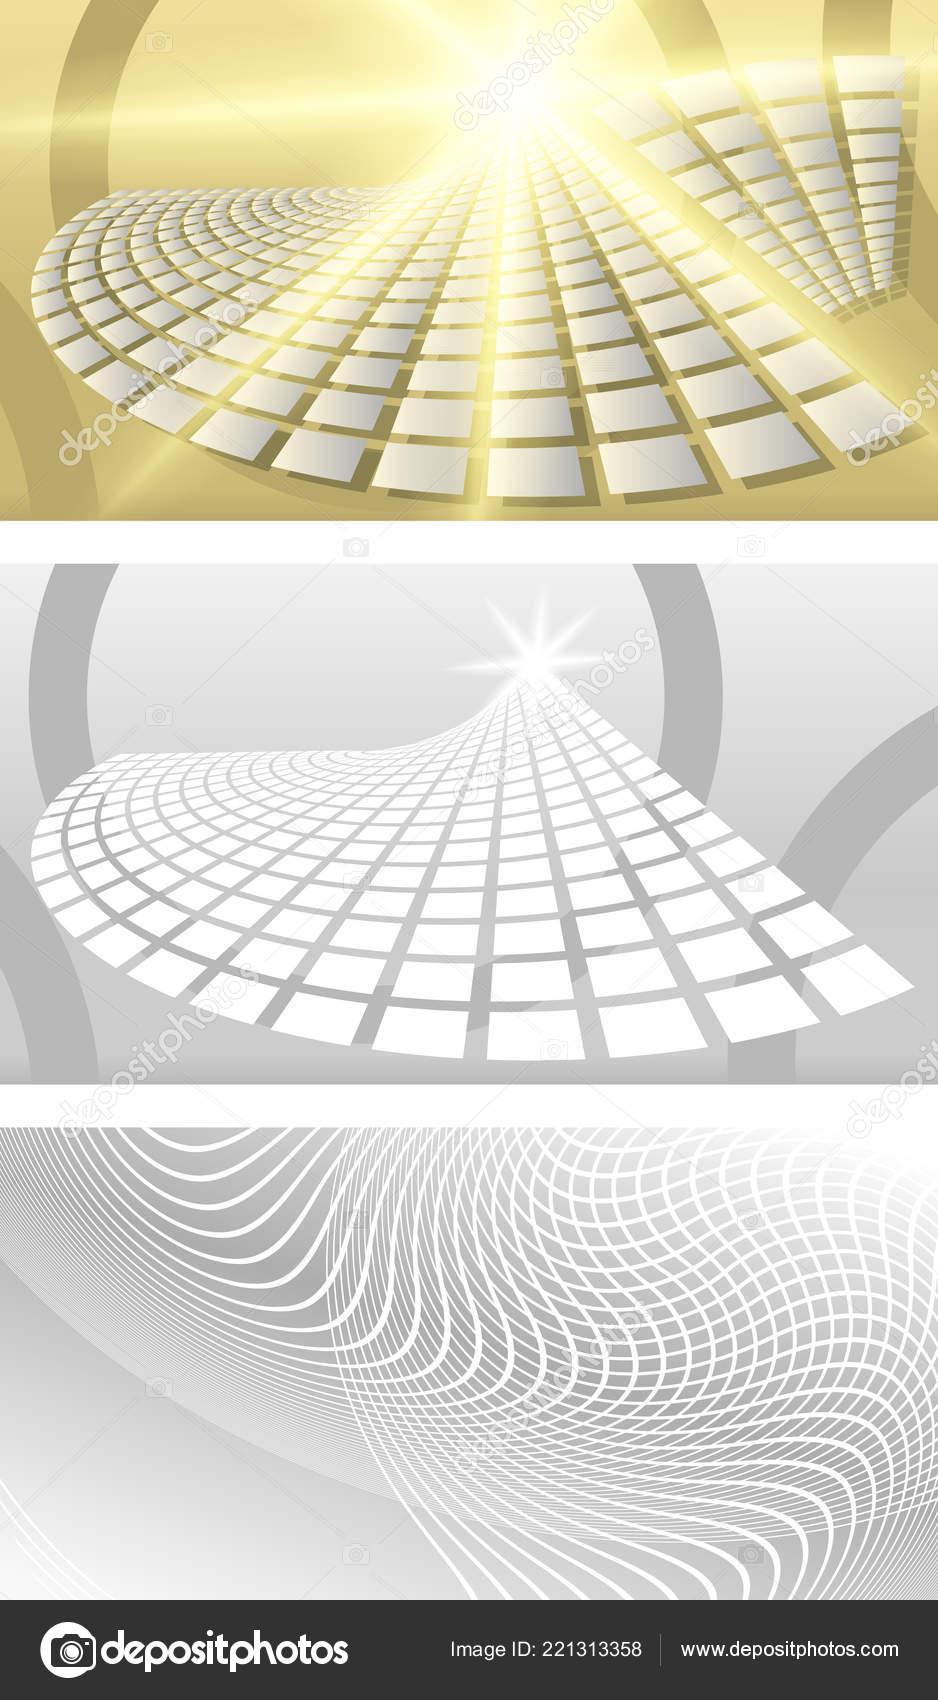 Set Carte De Visite Modele Vierge Fond Beige Avec Un Rectangles Vrac Renversement Elegant Ventilateur Graphique Des Rayons Lumiere Brillantes